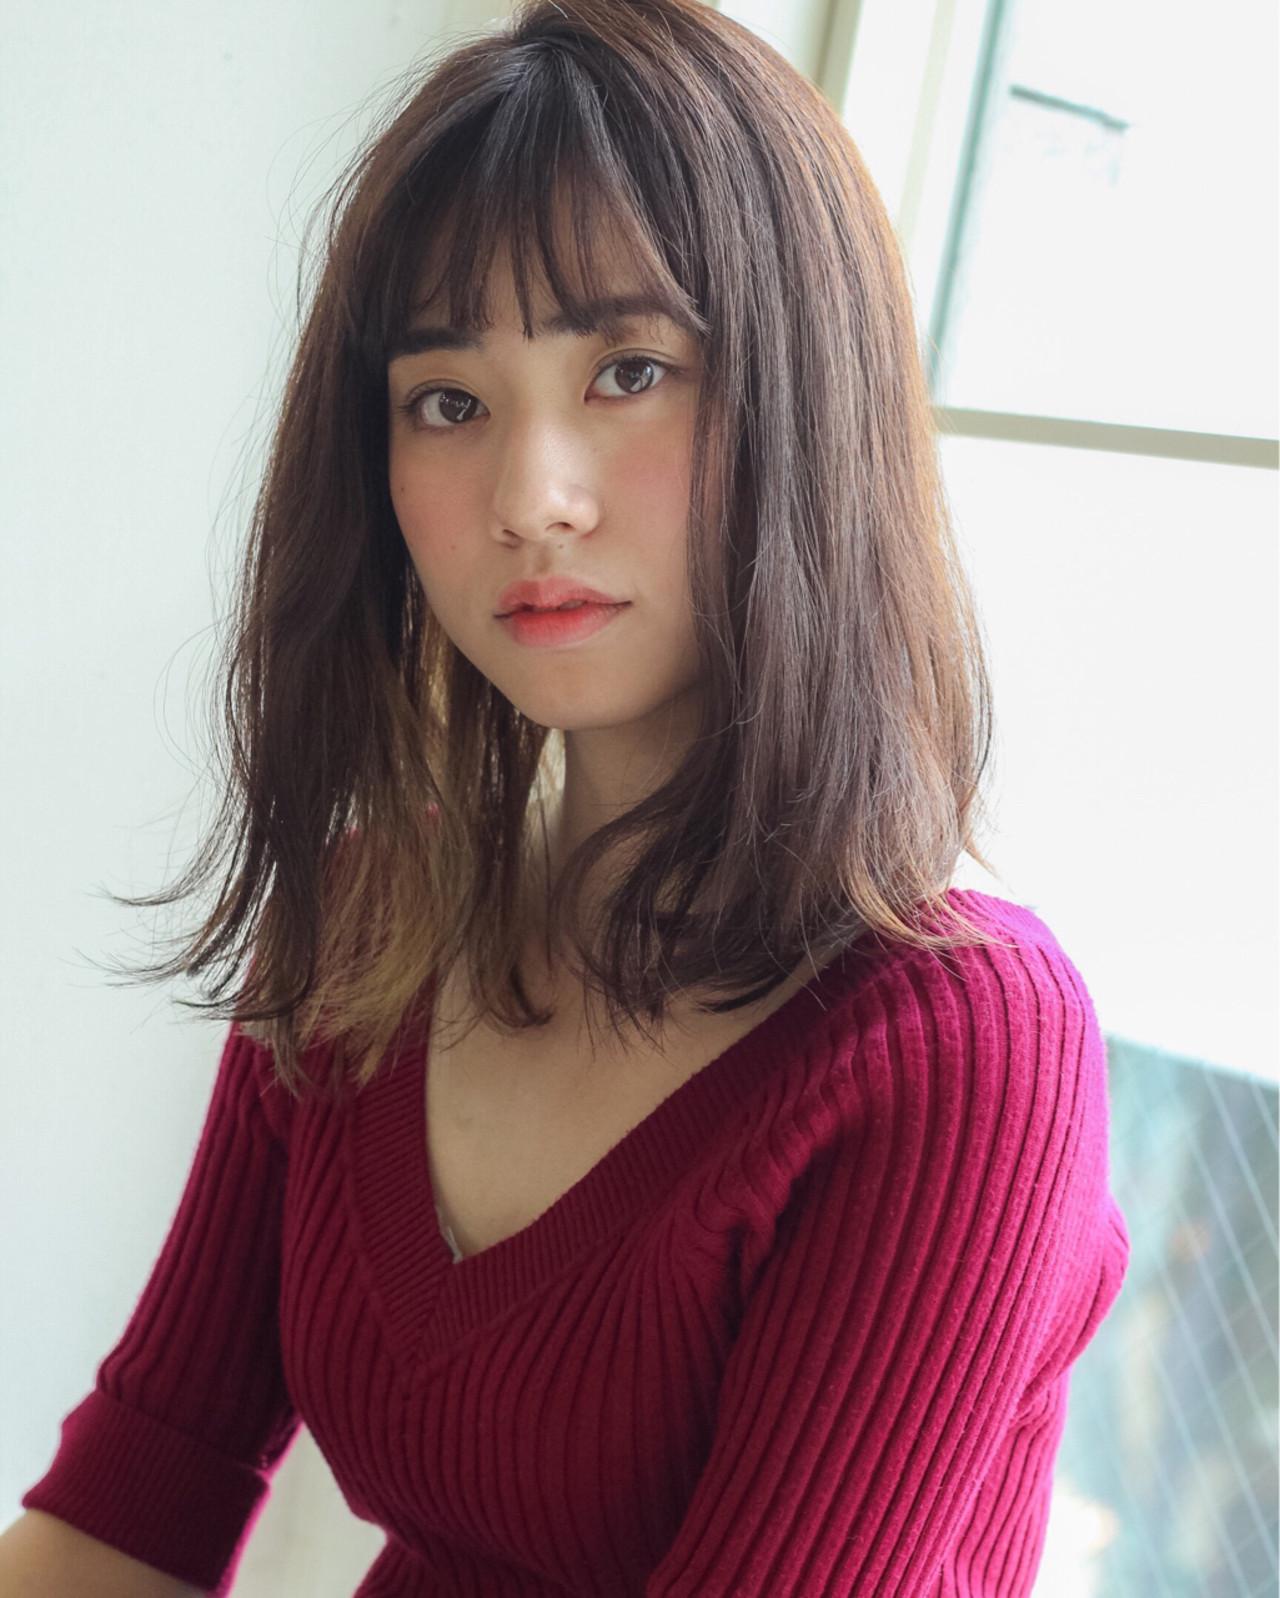 ピンクブラウン ミディアム ピュア 前髪あり ヘアスタイルや髪型の写真・画像